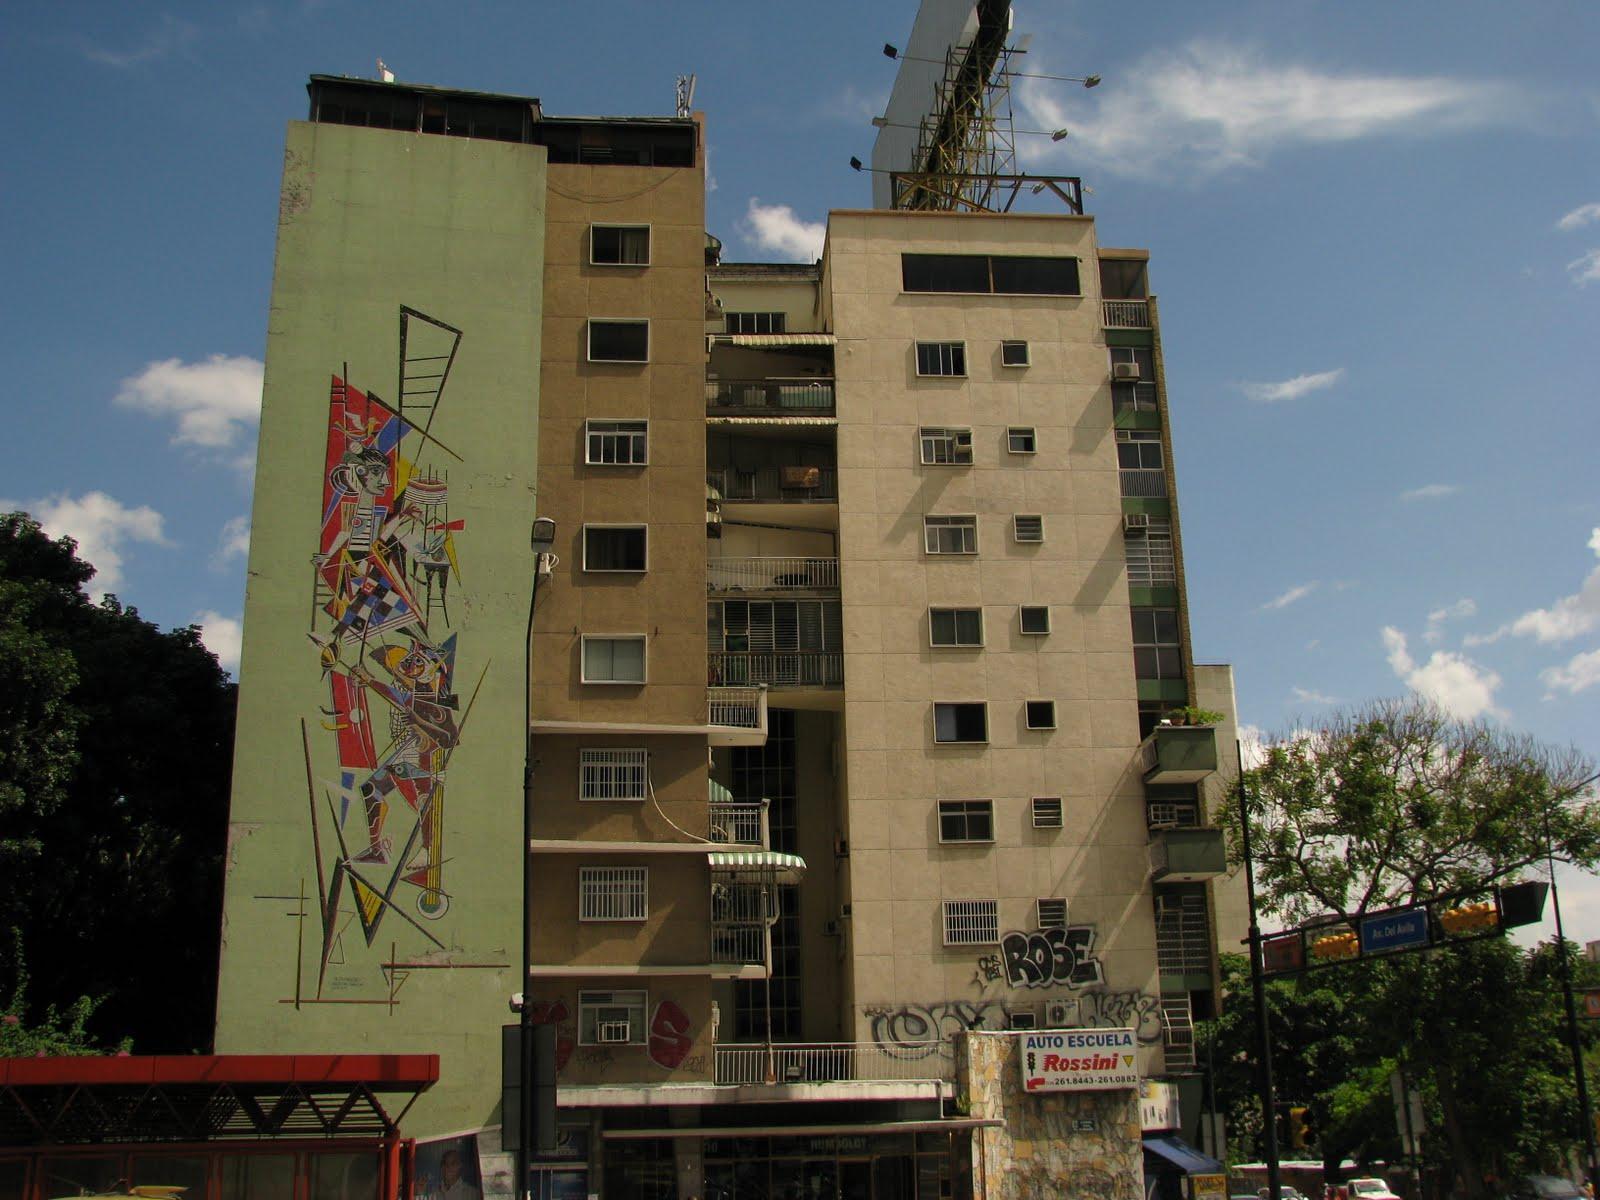 Edificio Humboldt, Altamira, Caracas. Notese el vandalismo en sus paredes en la zona inferior.